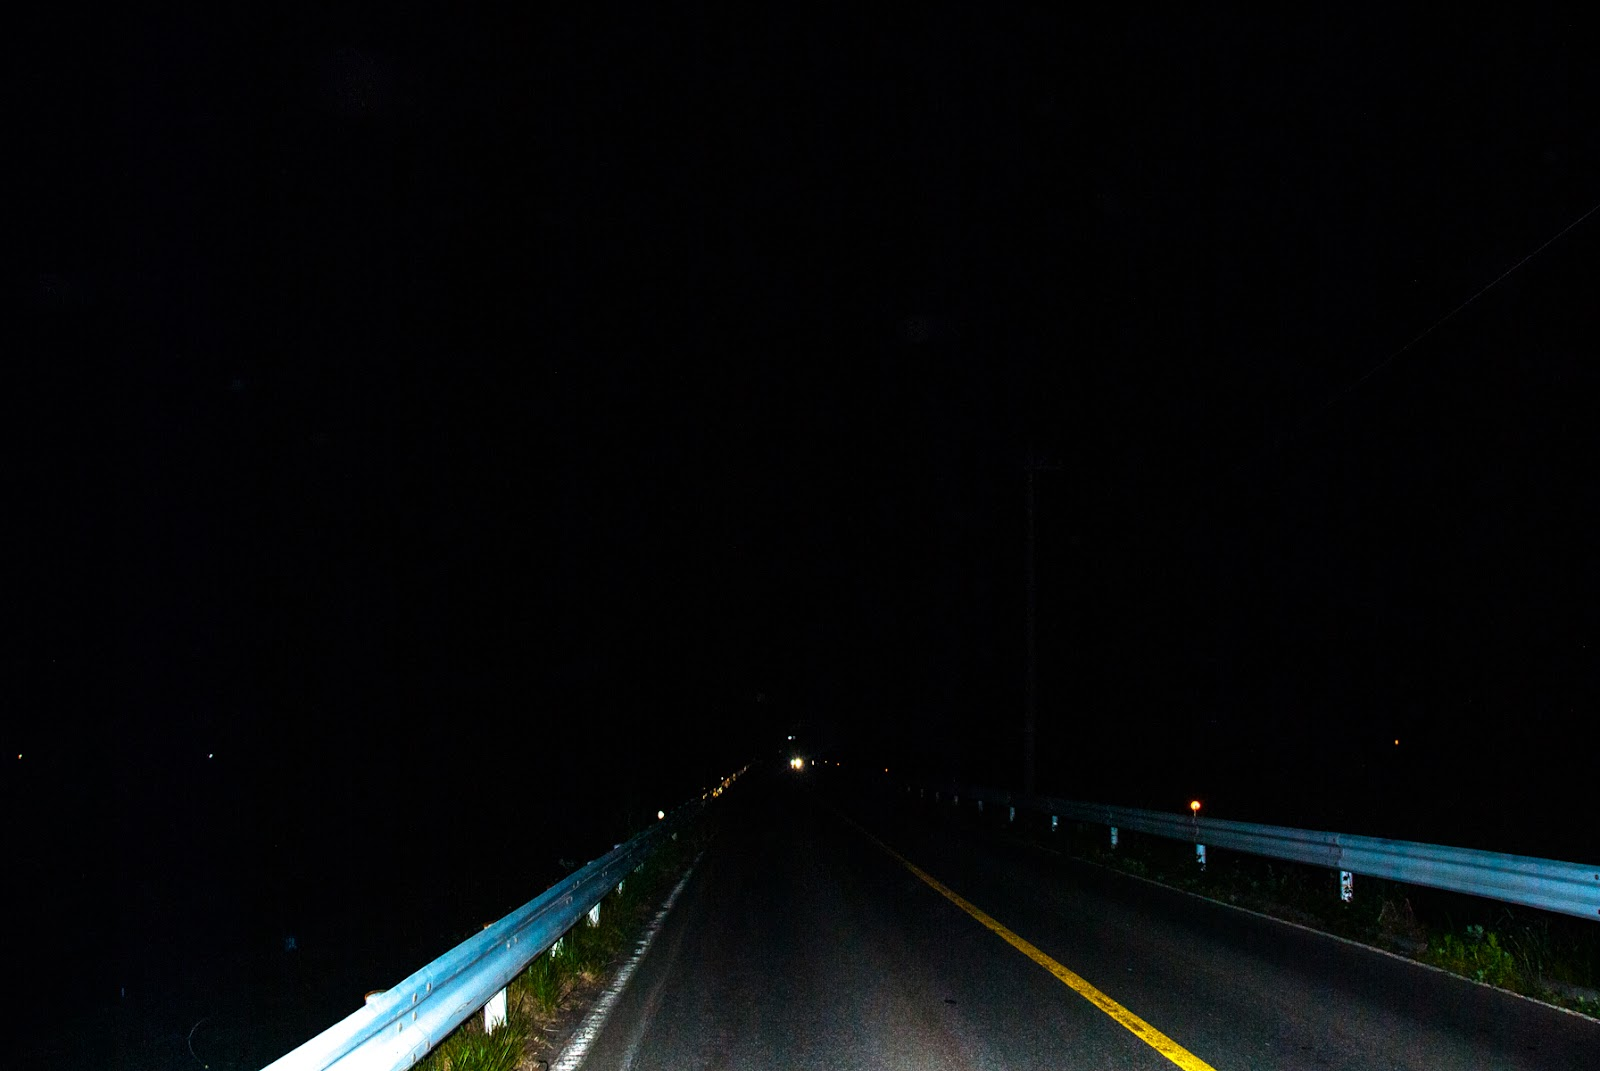 長野県の真っ暗な道